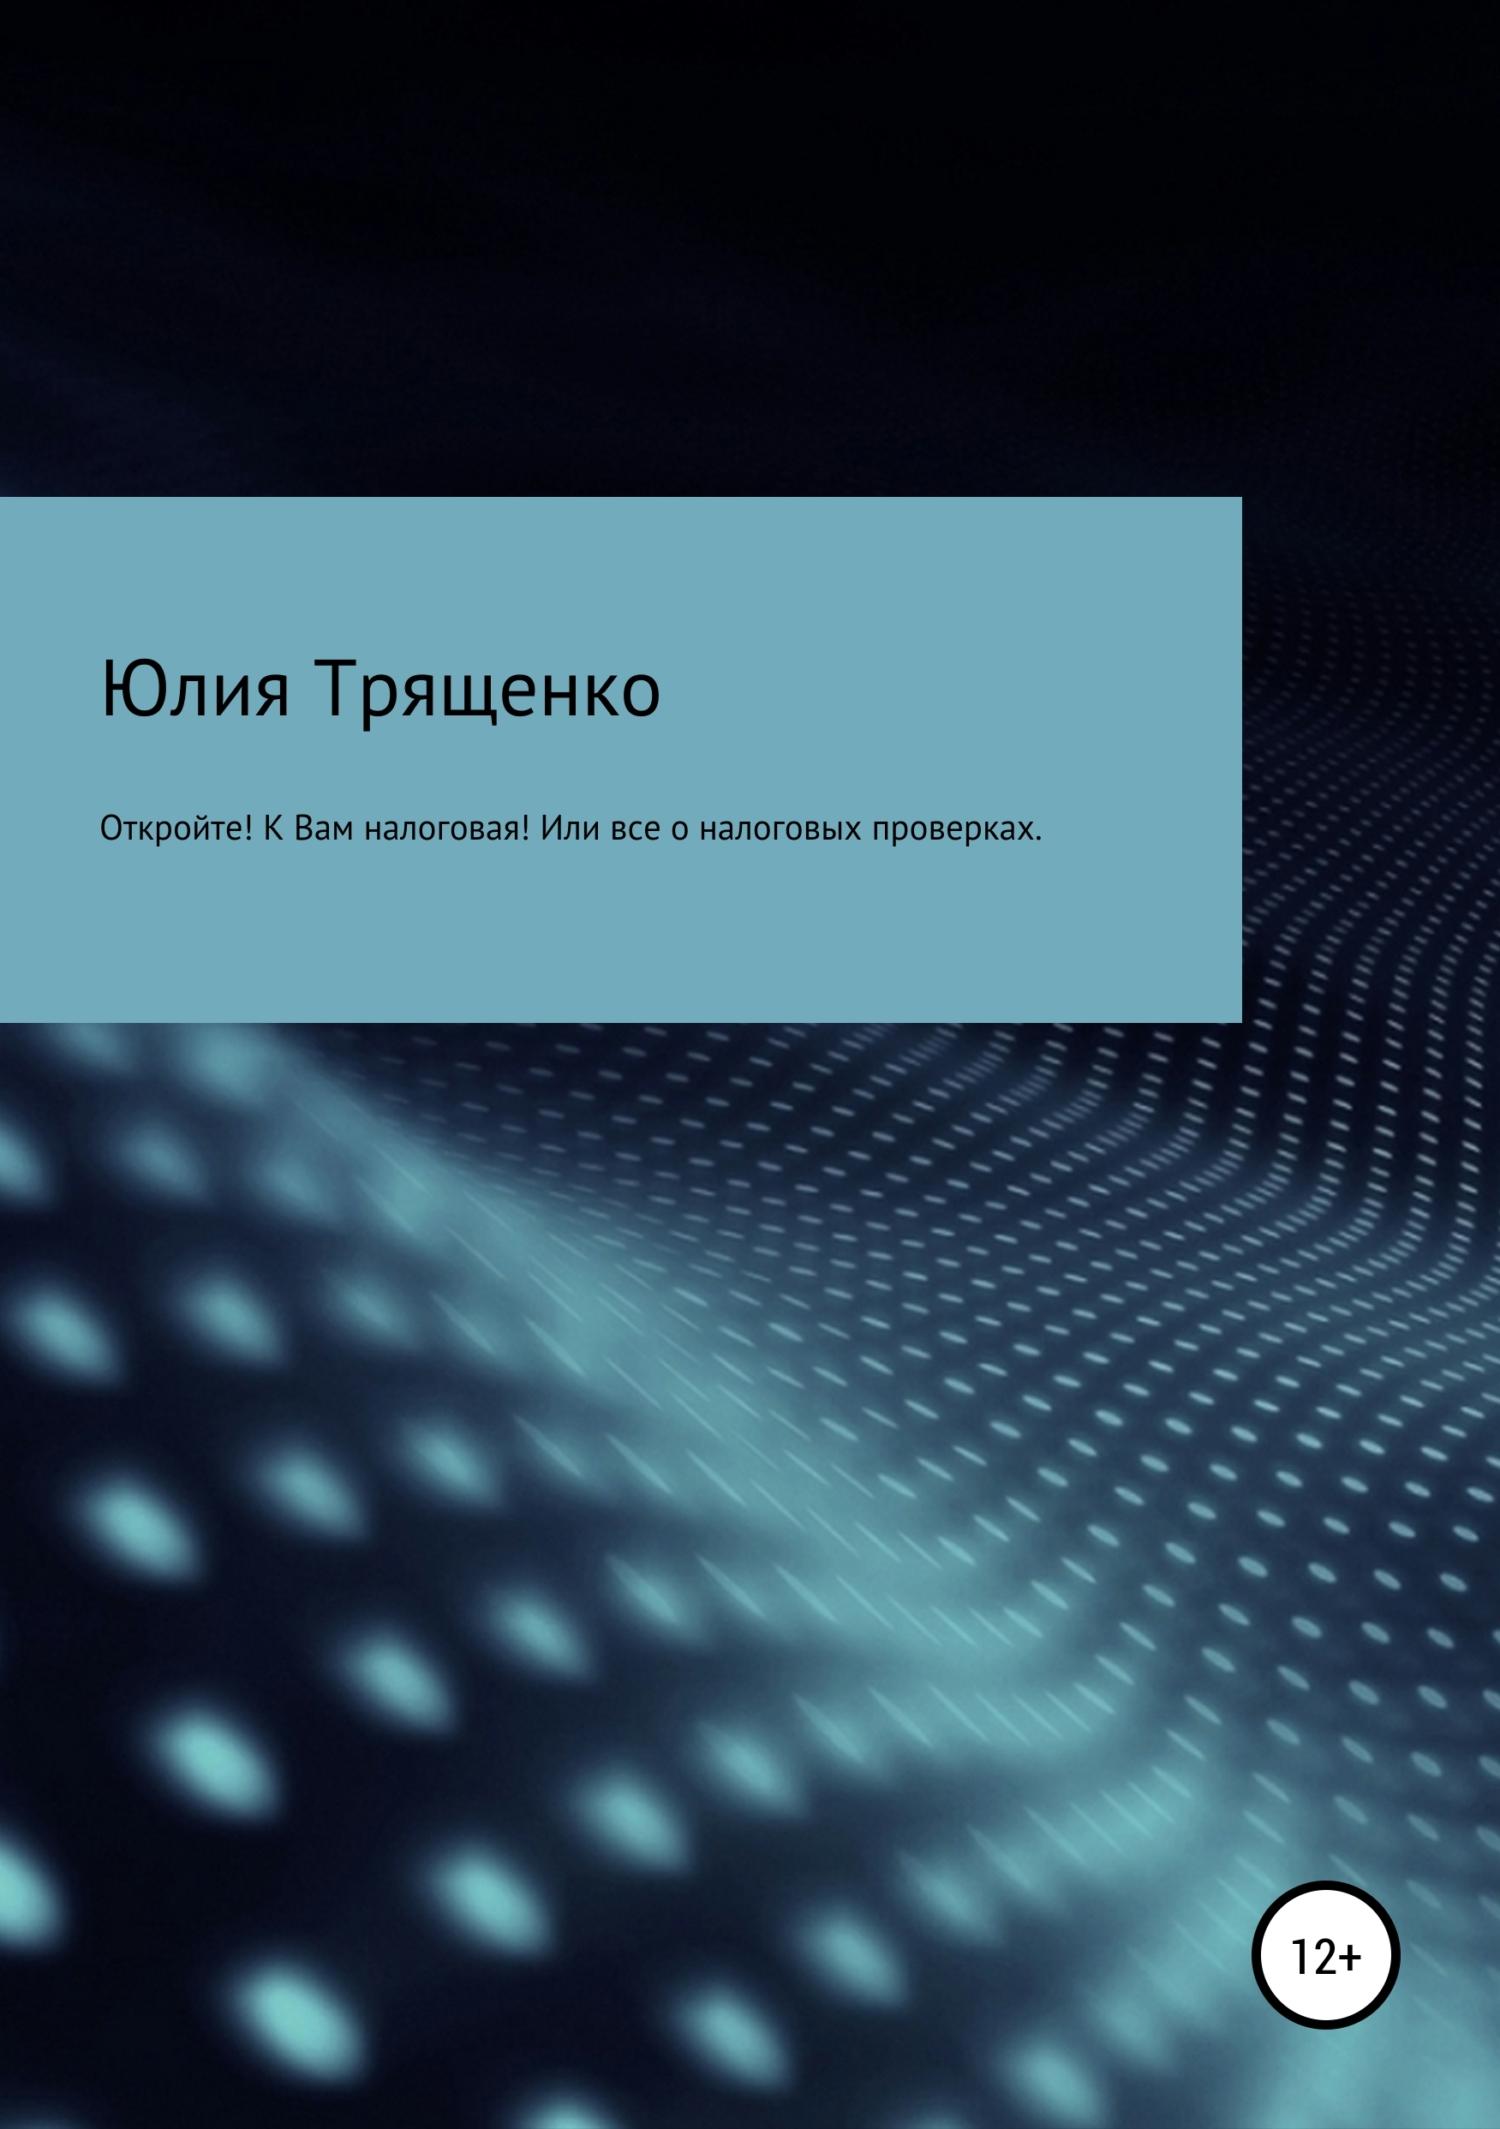 Юлия Трященко - Откройте! К Вам налоговая! Или все о налоговых проверках